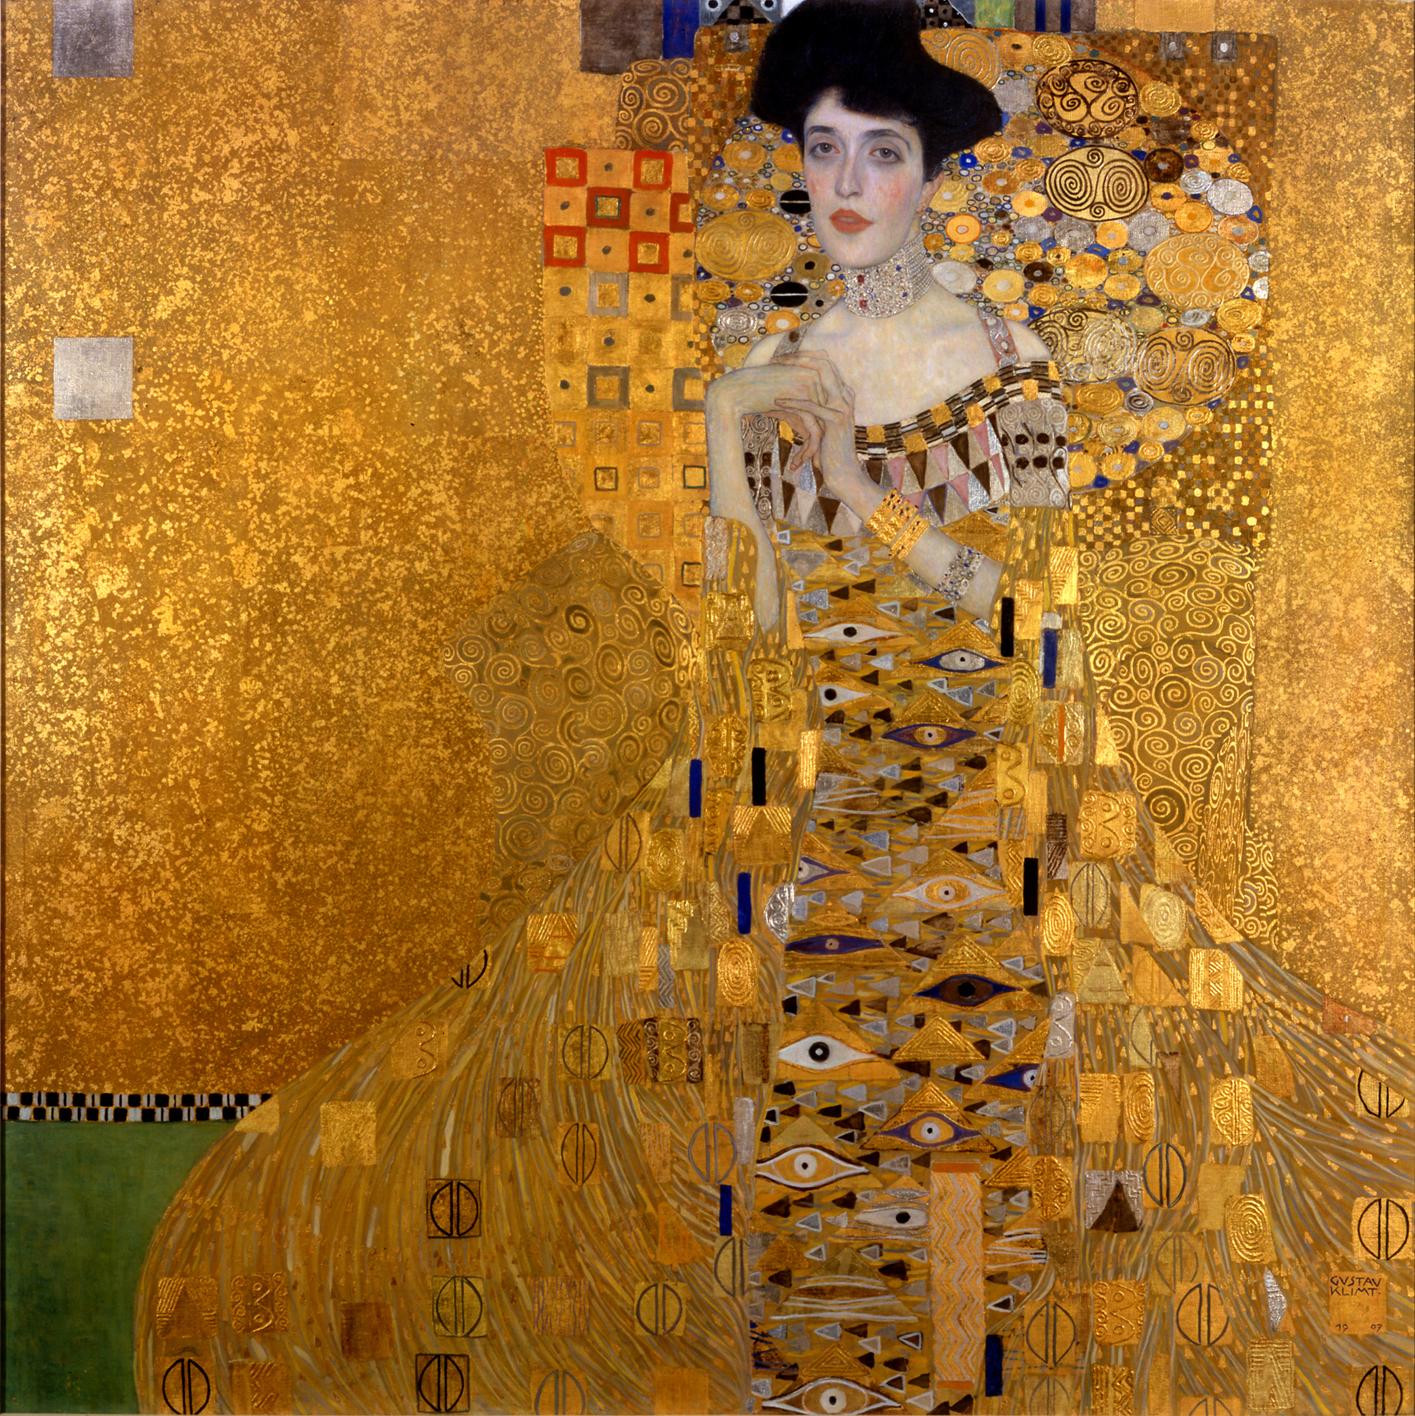 Gustav Klimt - Adele Bloch Bauer'in Portresi